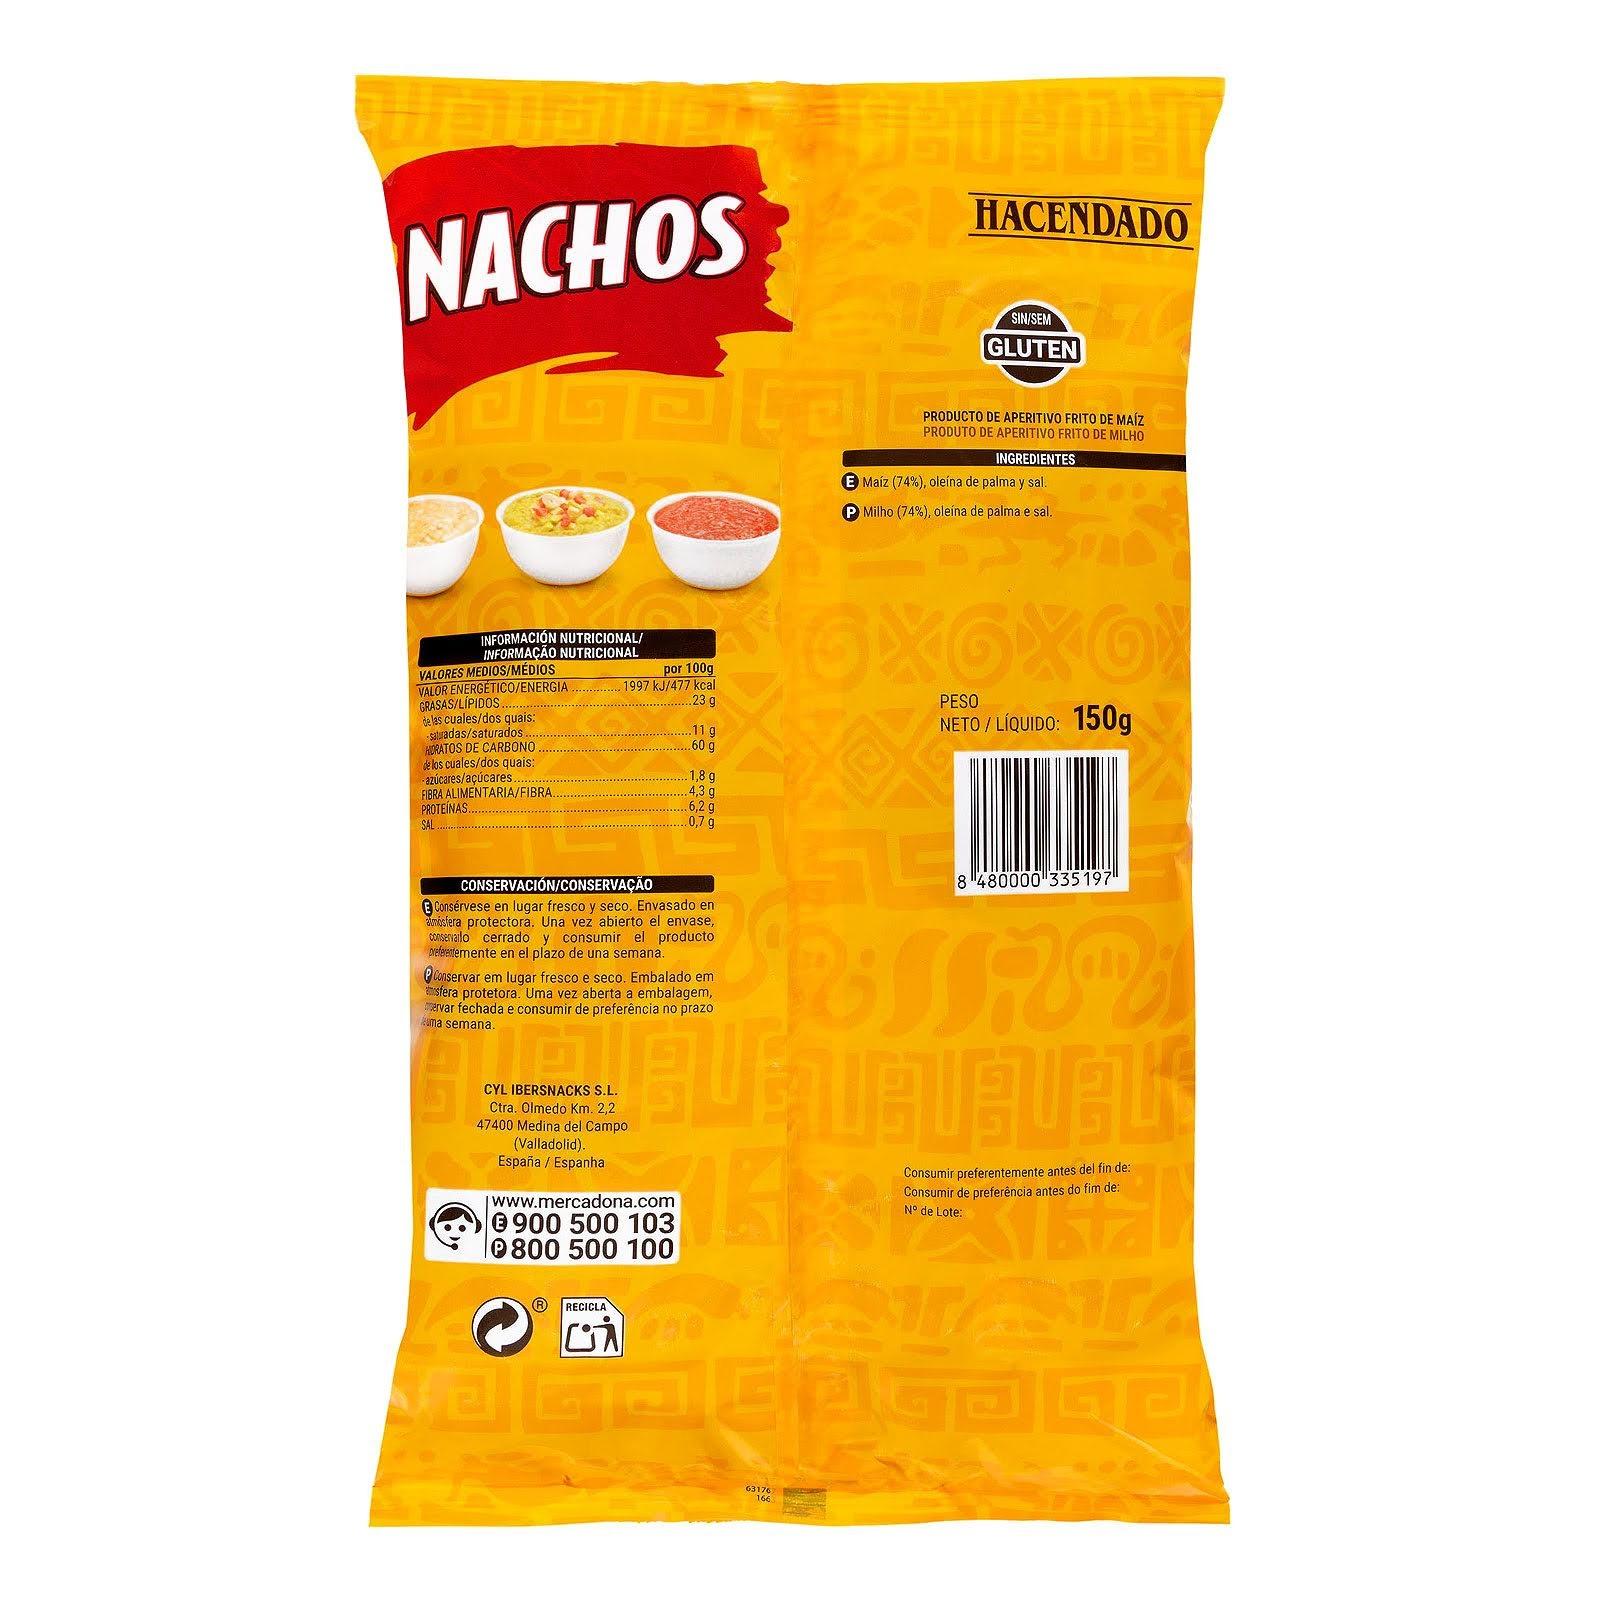 Nachos de maíz Hacendado